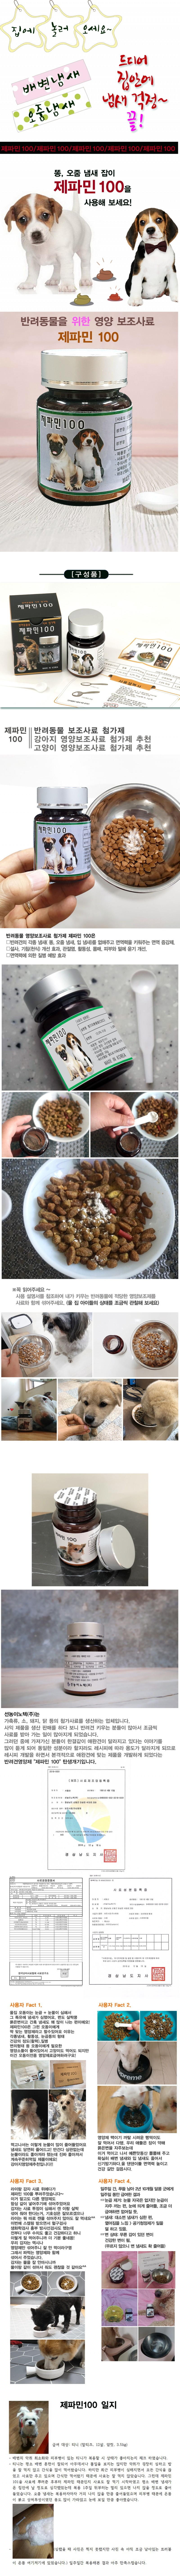 효과가 아주 우수한 반려동물 면역 증강제(냄새제거 기능은기본)